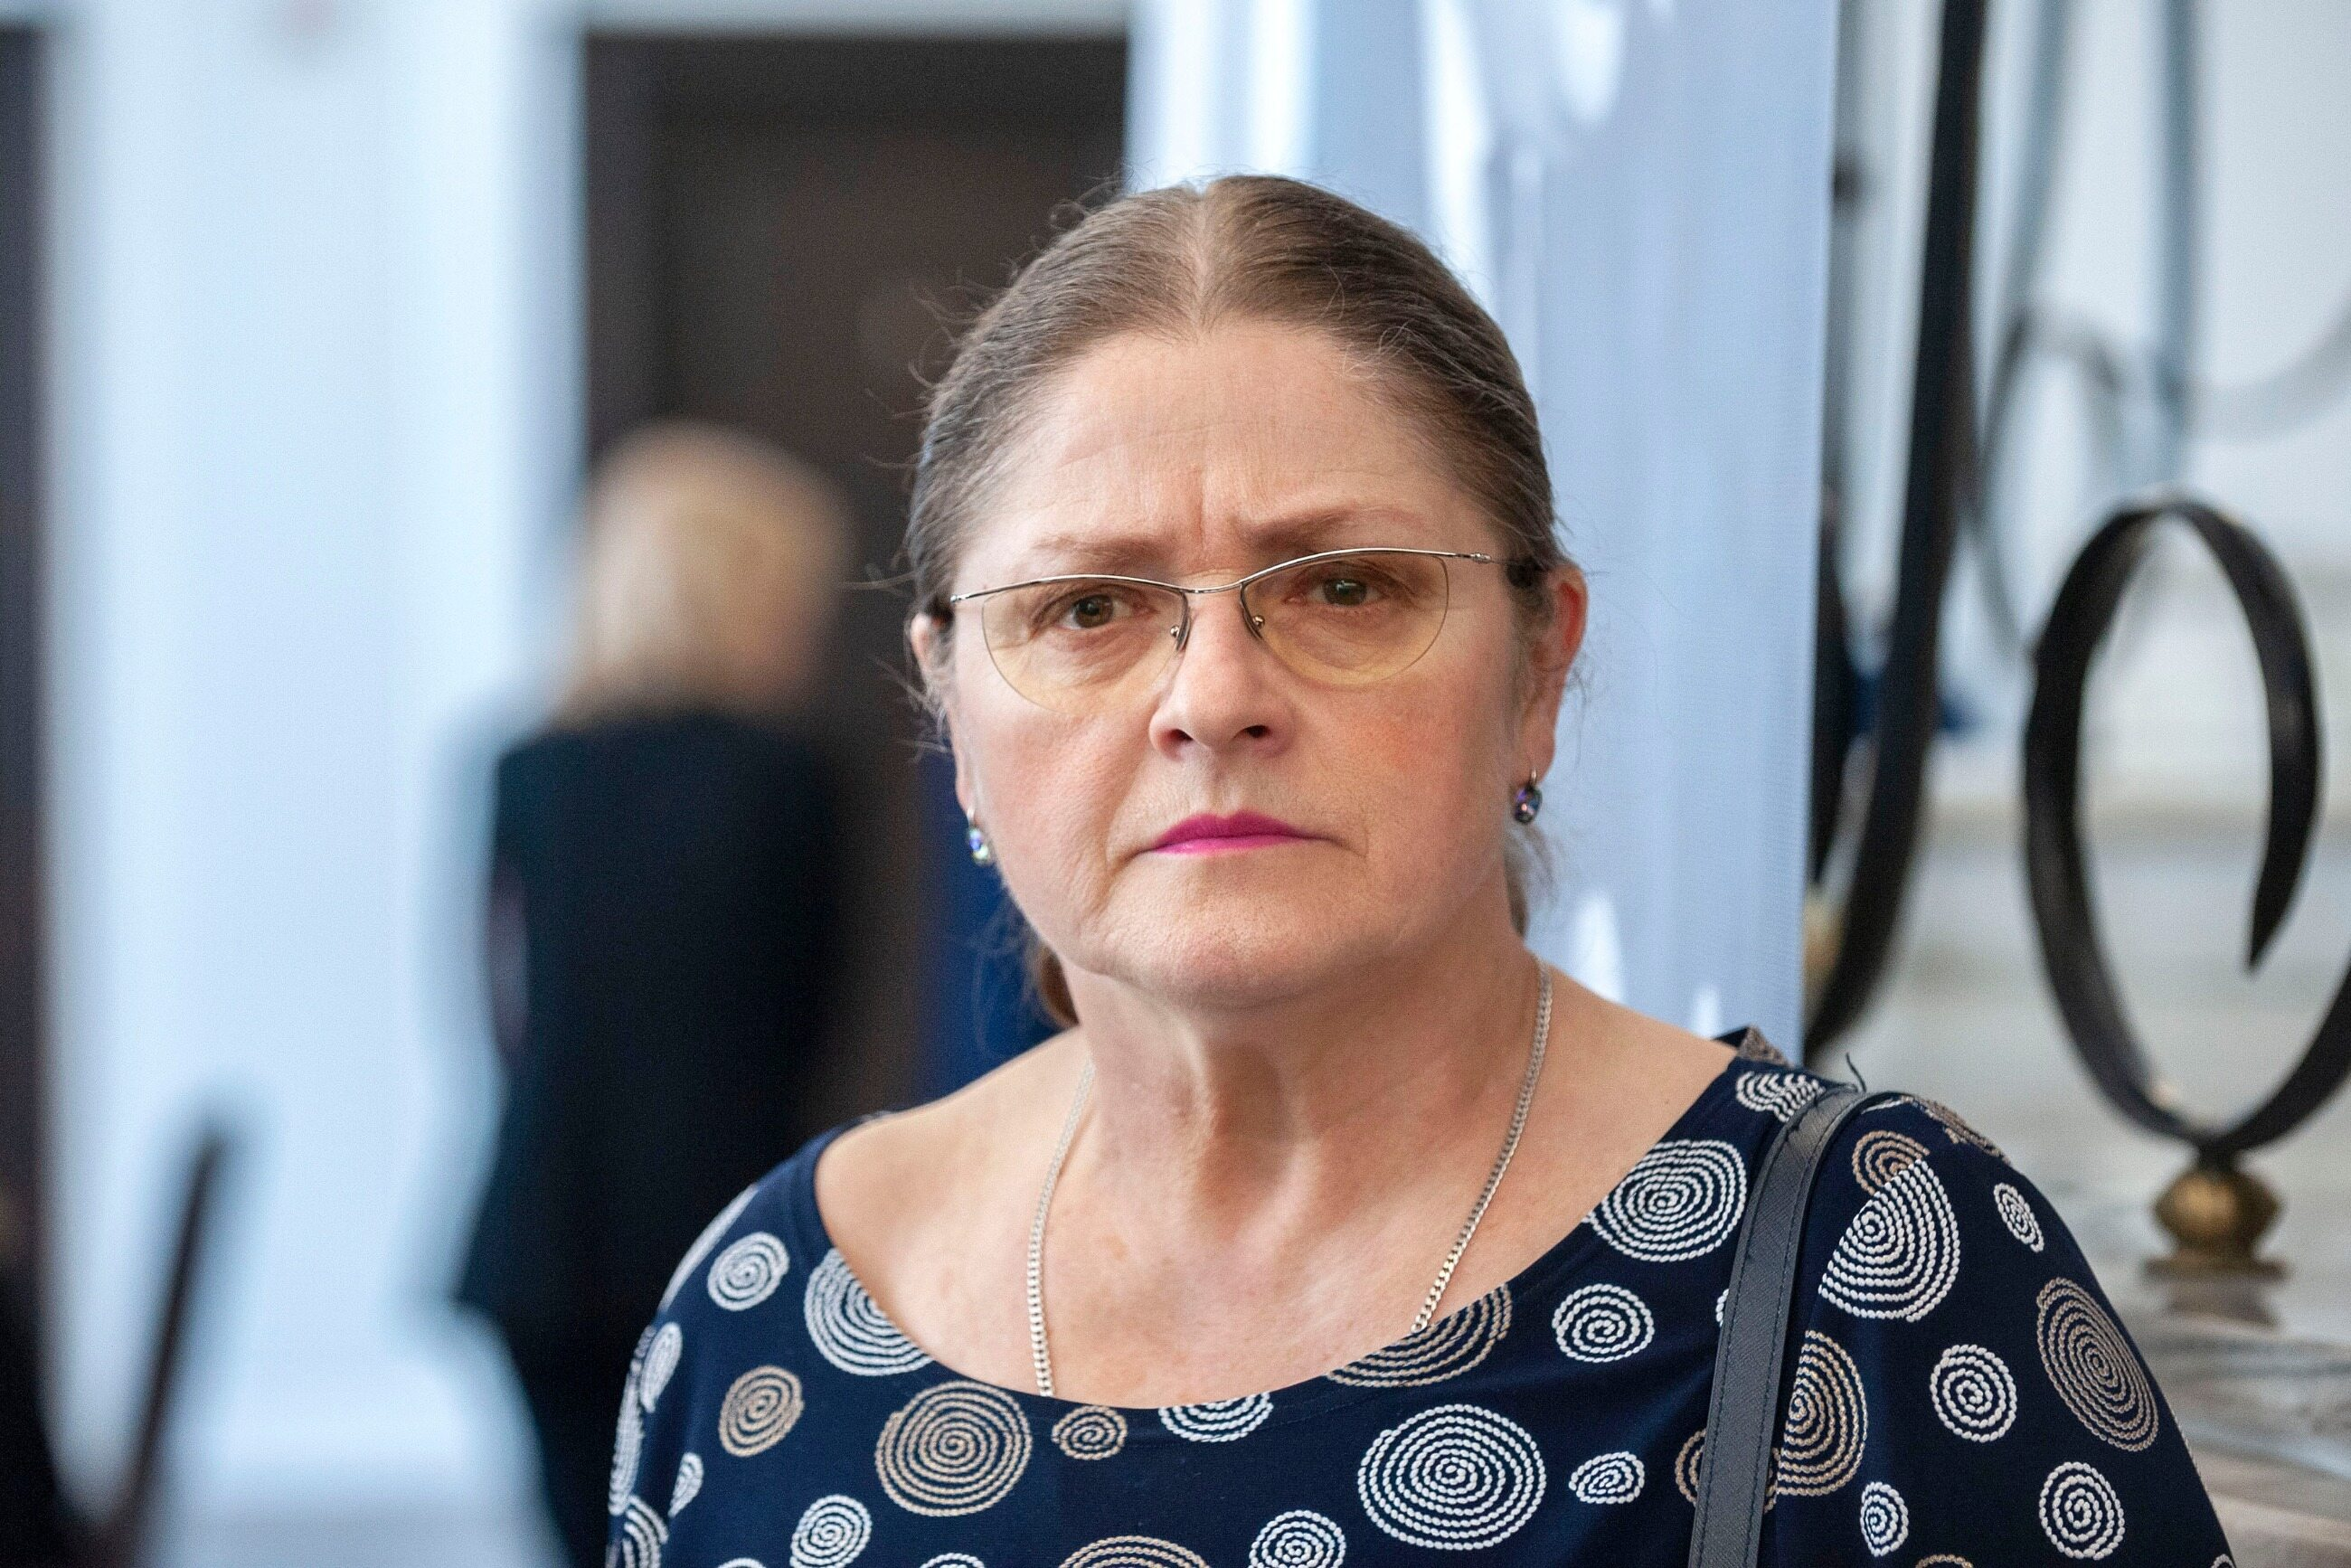 Adamowicz w mediach społecznościowych zaprosiła Pawłowicz na kawę. Posłanka PiS odpowiedziała: